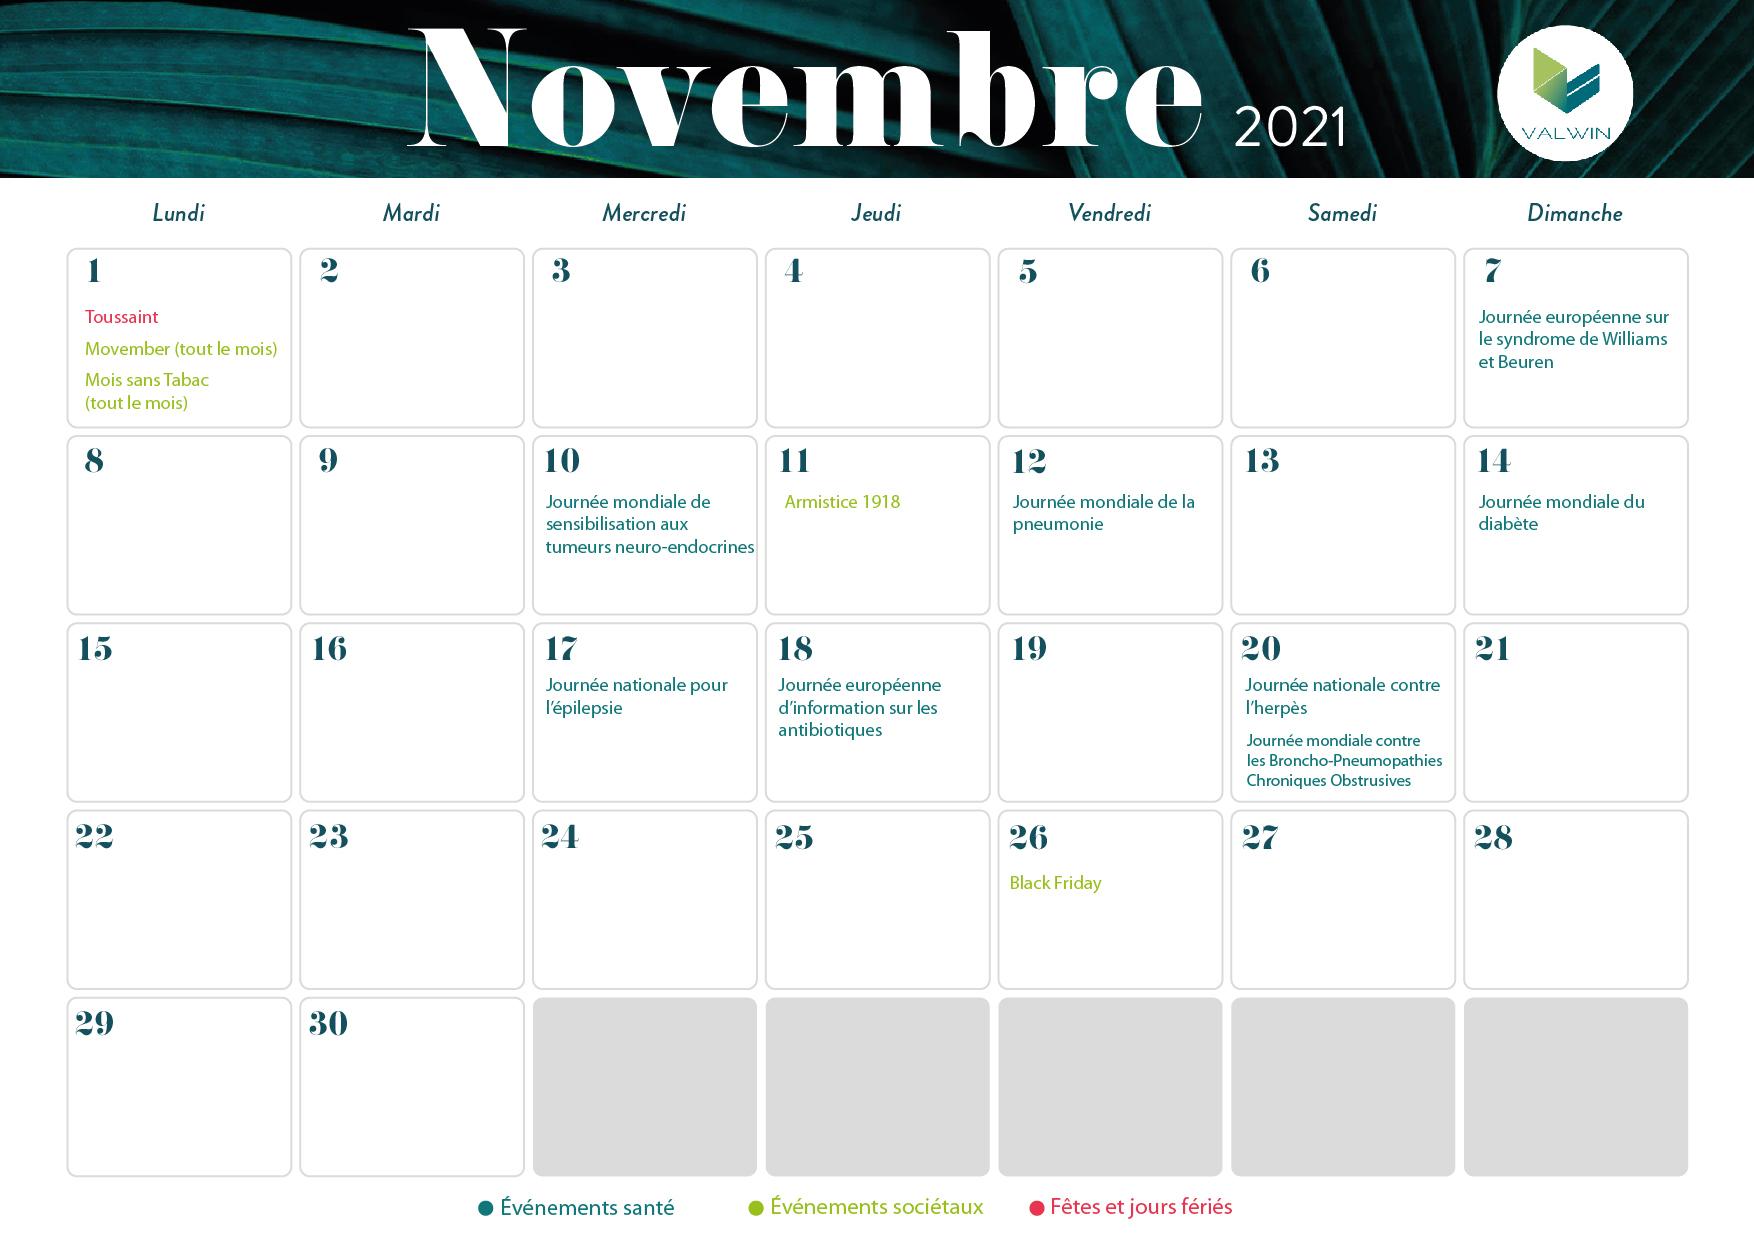 Novembre-calendrier-journee-mondiale-sante-2021.jpg